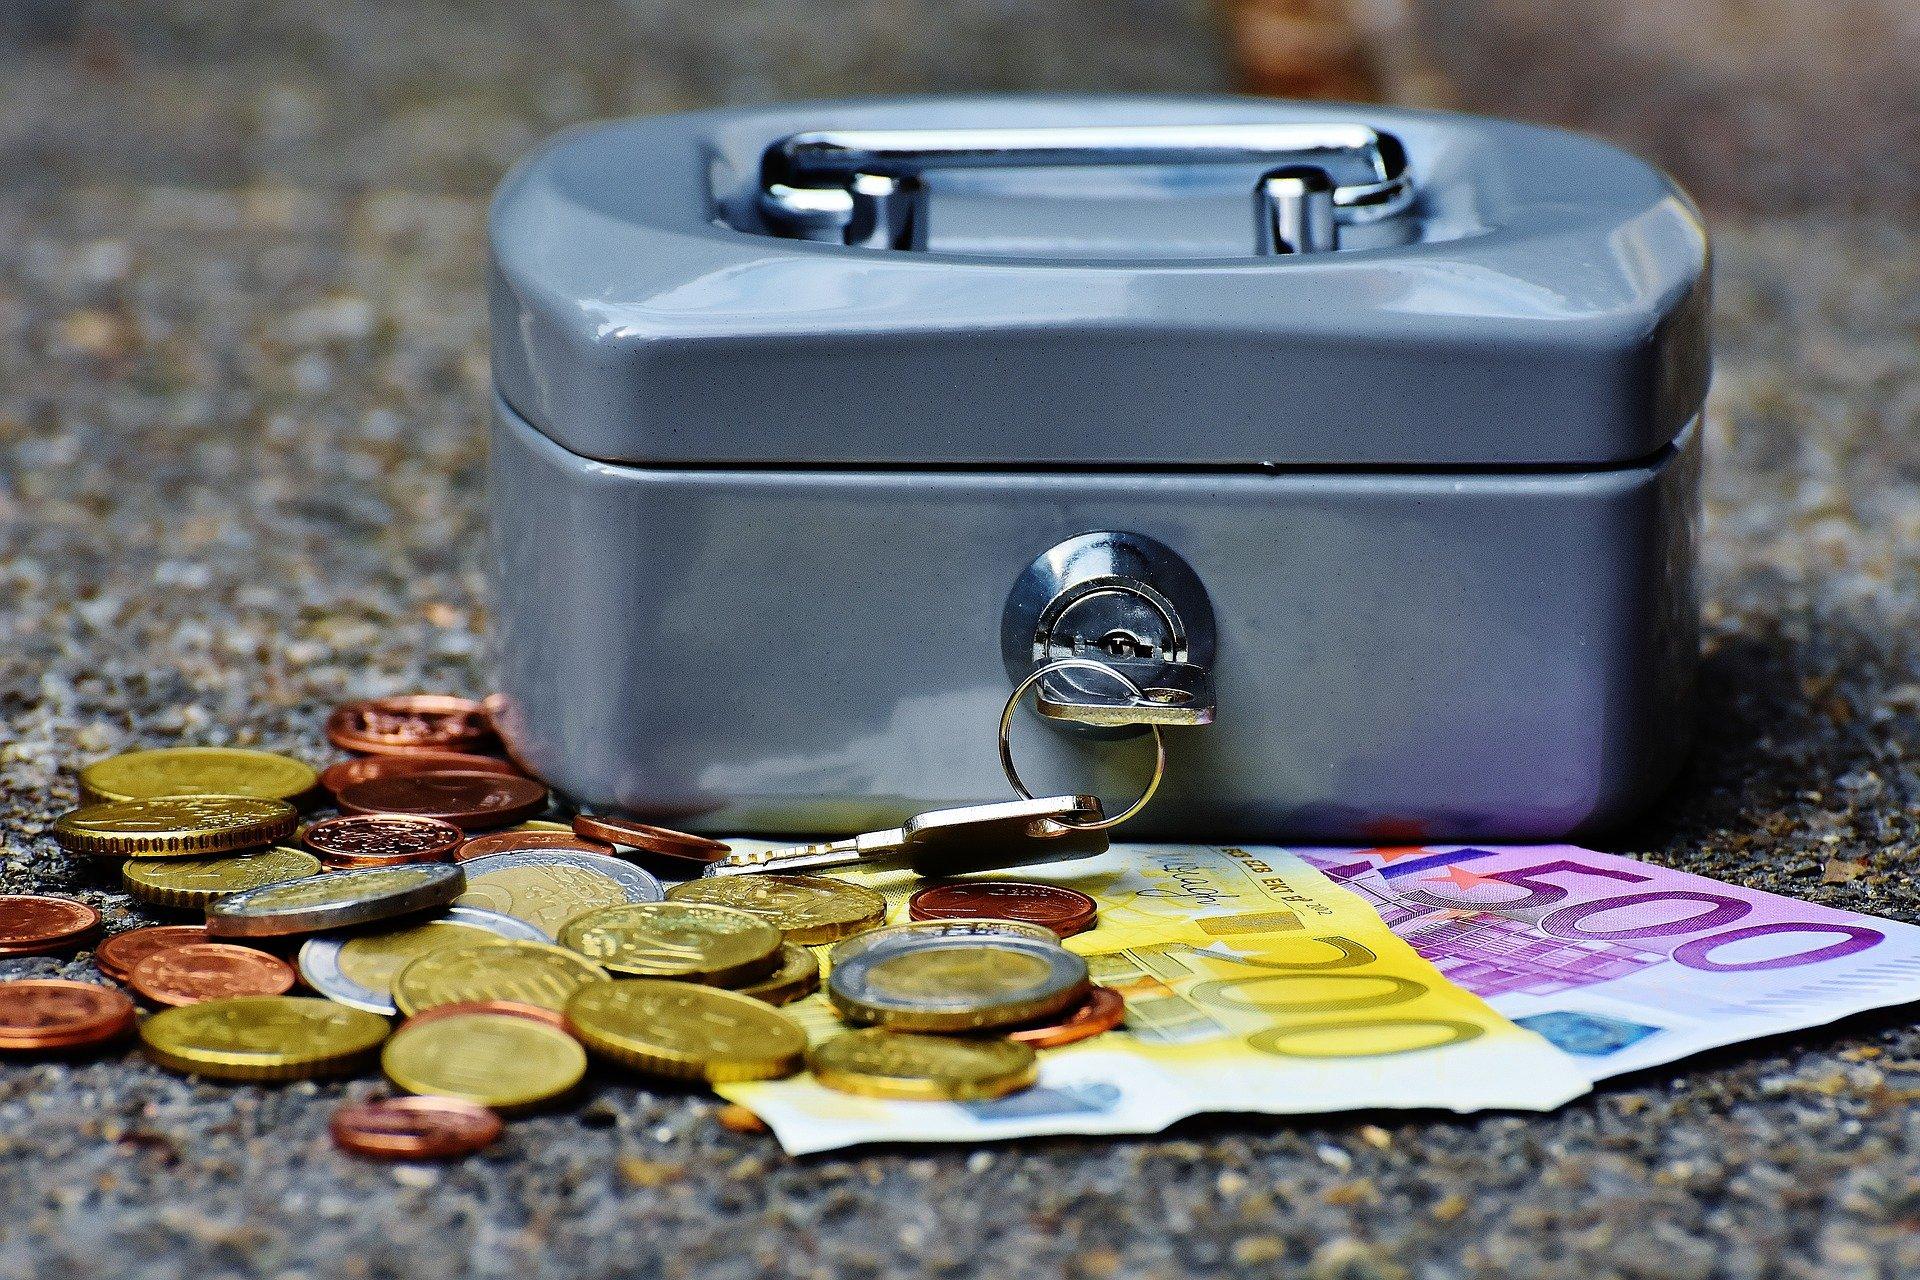 cashbox 1642989 1920.jpg?resize=574,582 - Pau : Une employée d'un centre des impôts a détourné 241 000 euros destinés aux Ehpad